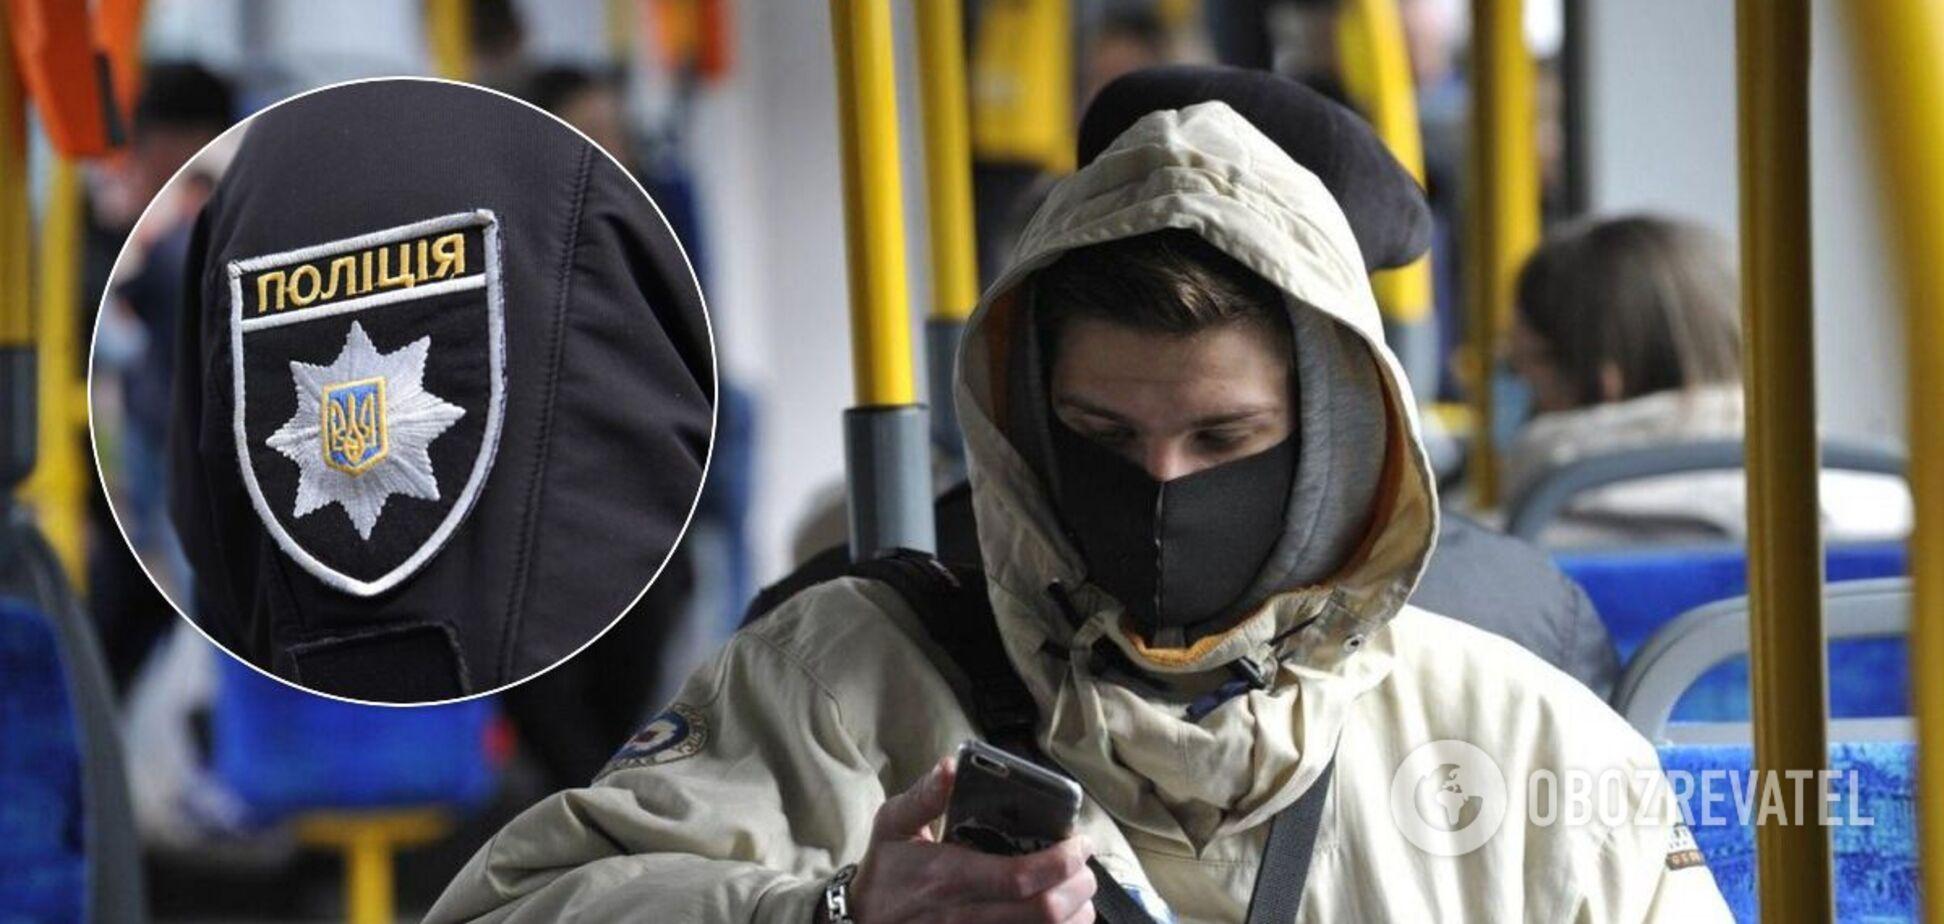 Як штрафуватимуть за маски: в МВС дали пояснення